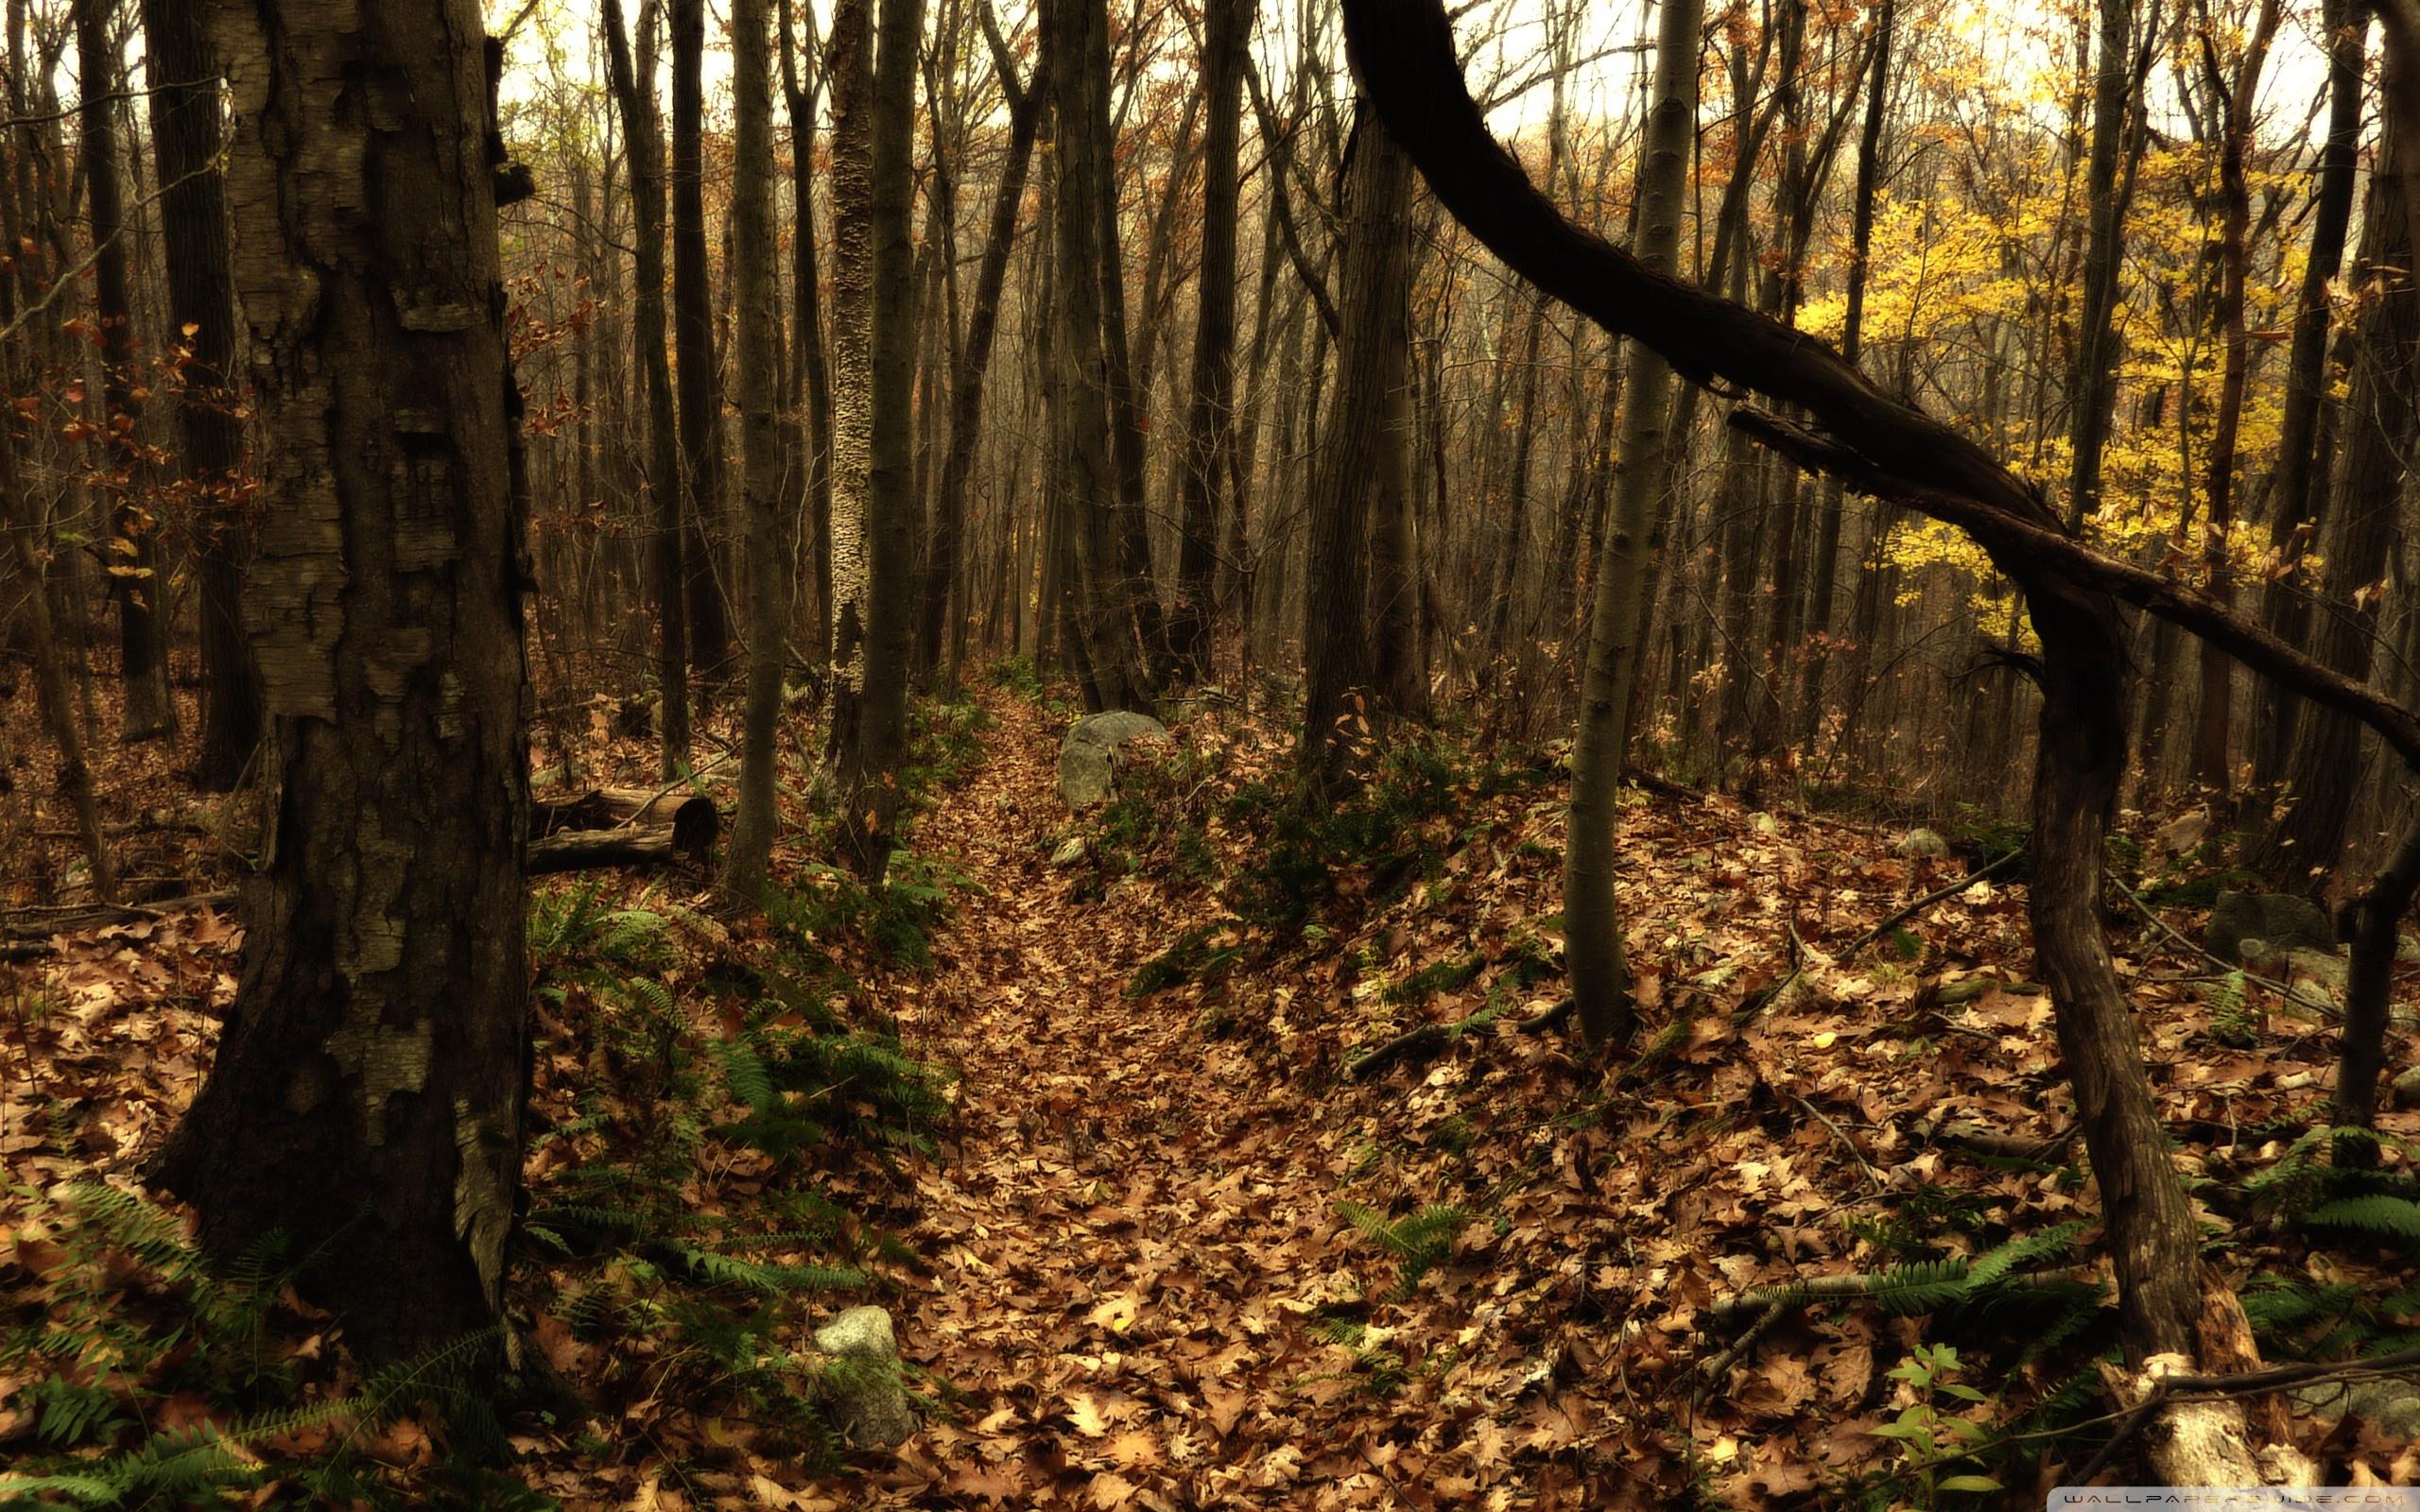 Fall Forest HD desktop wallpaper : High Definition : Fullscreen